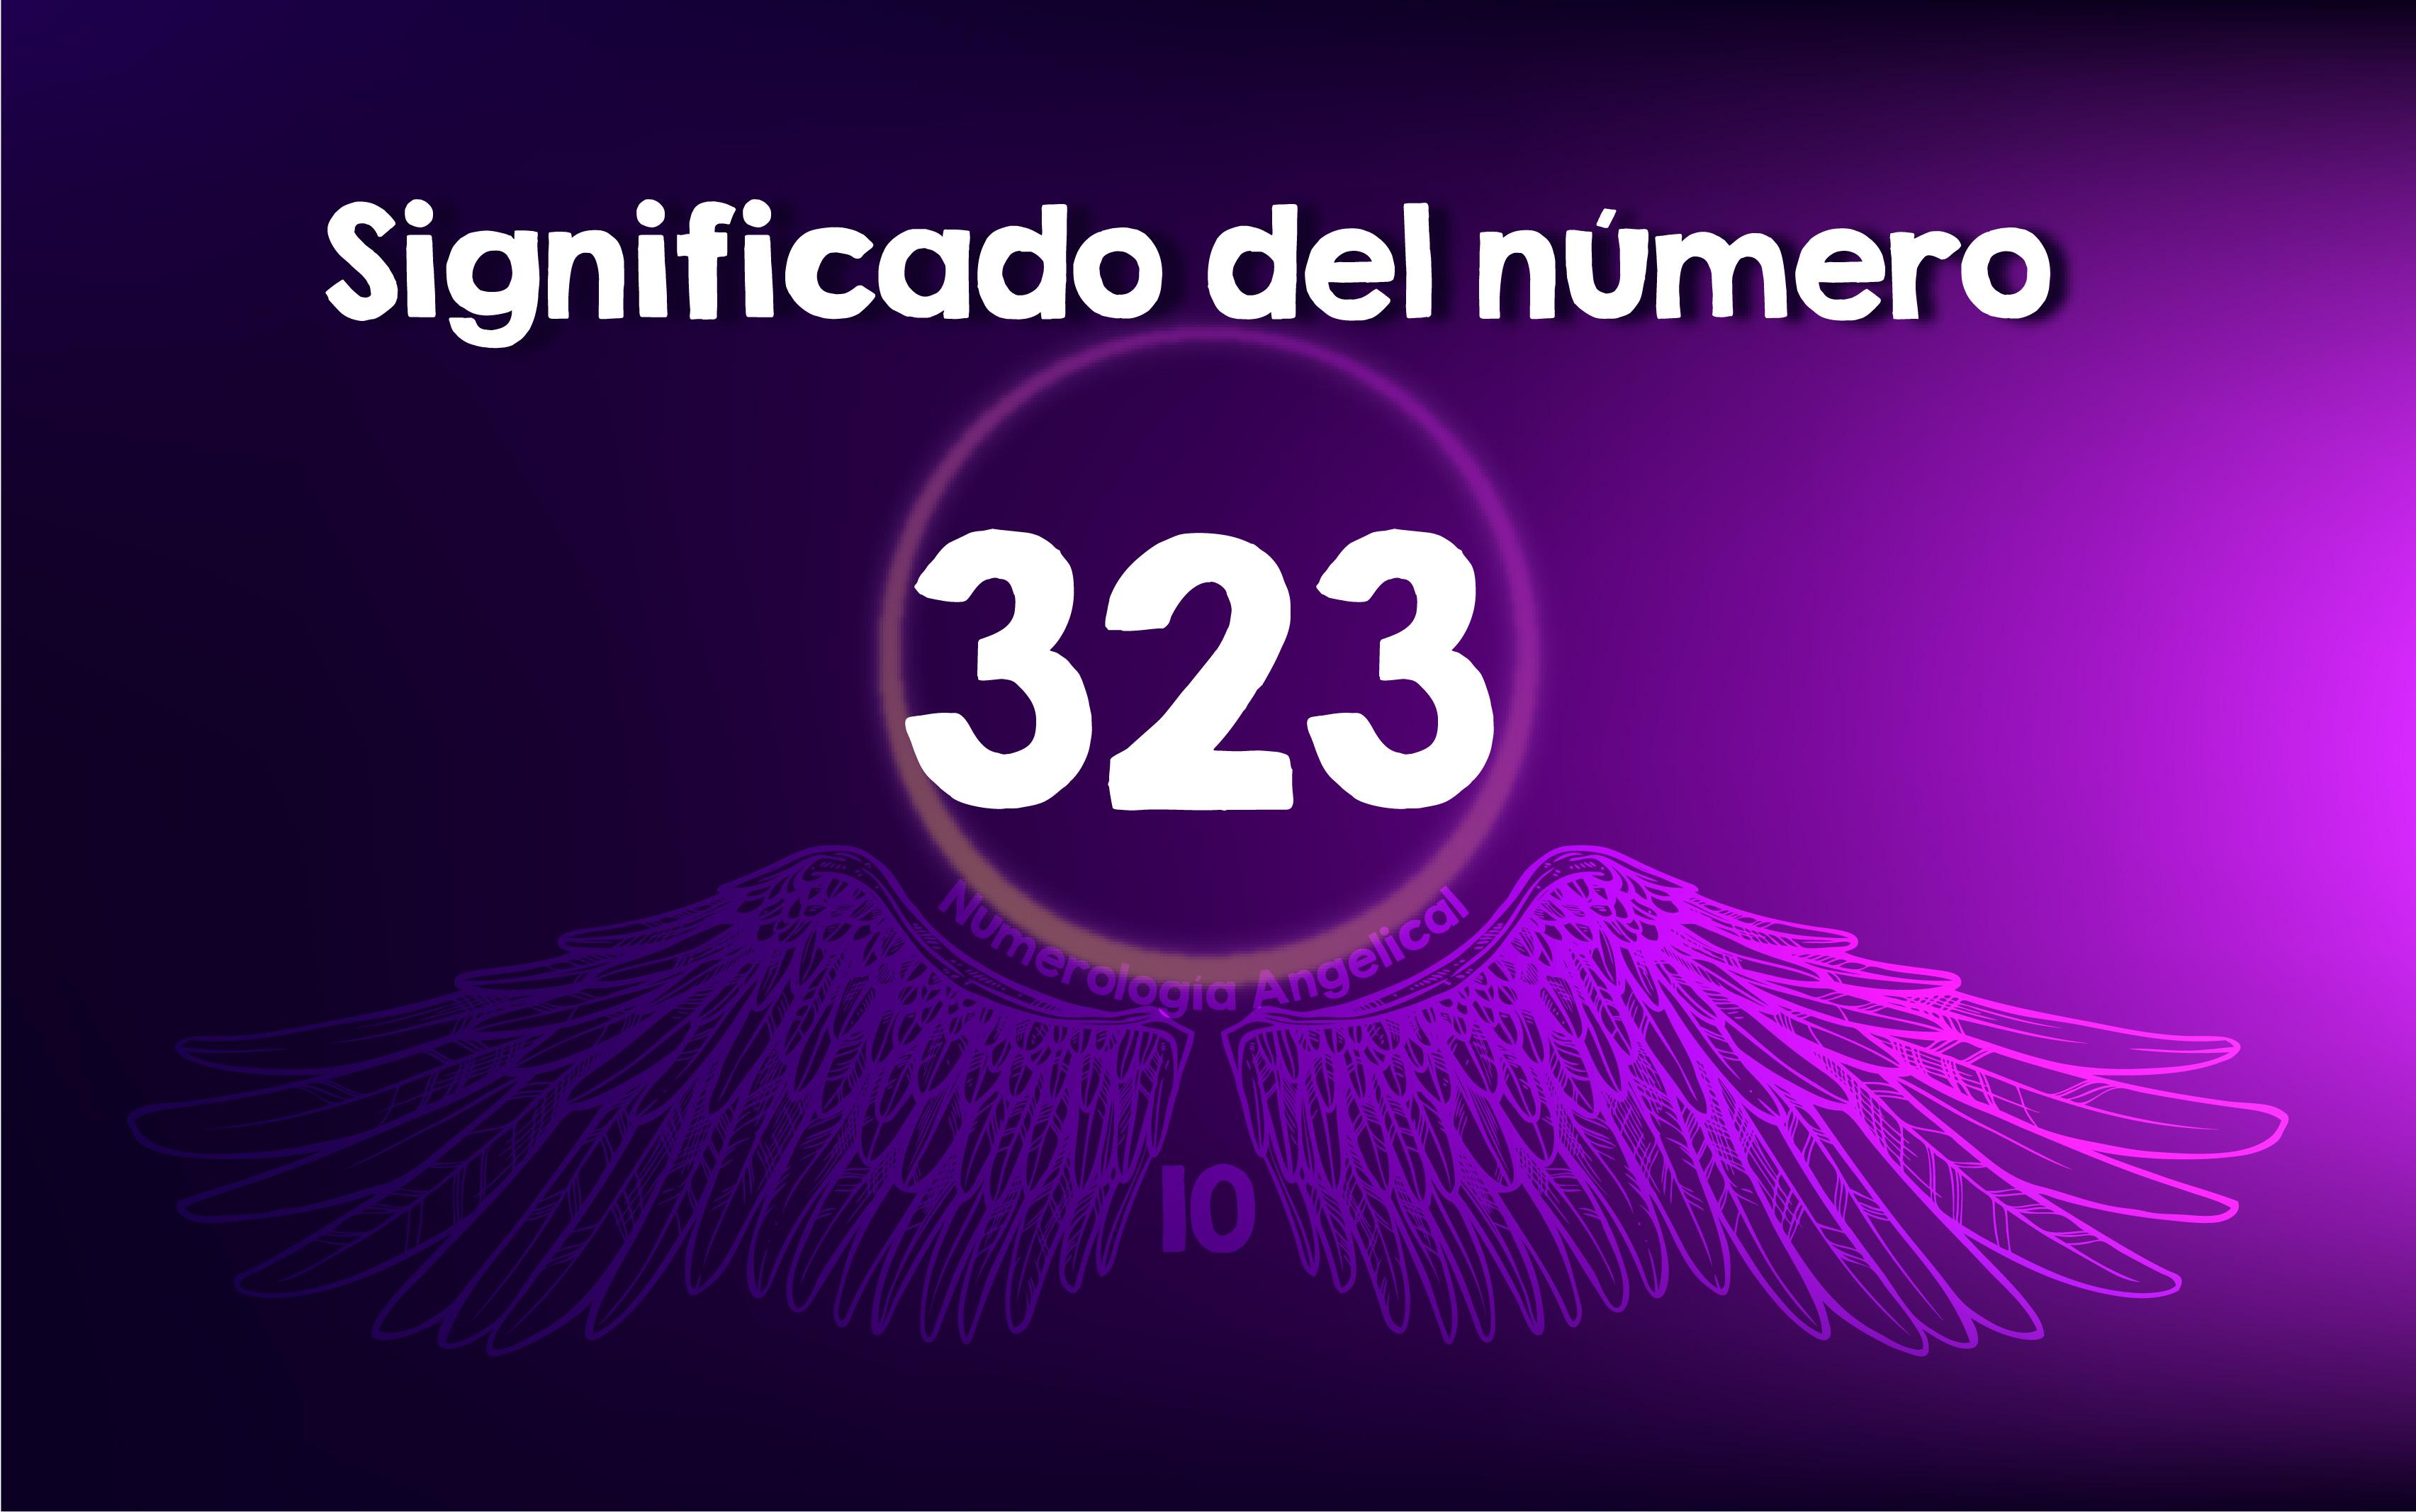 Significado del número 323